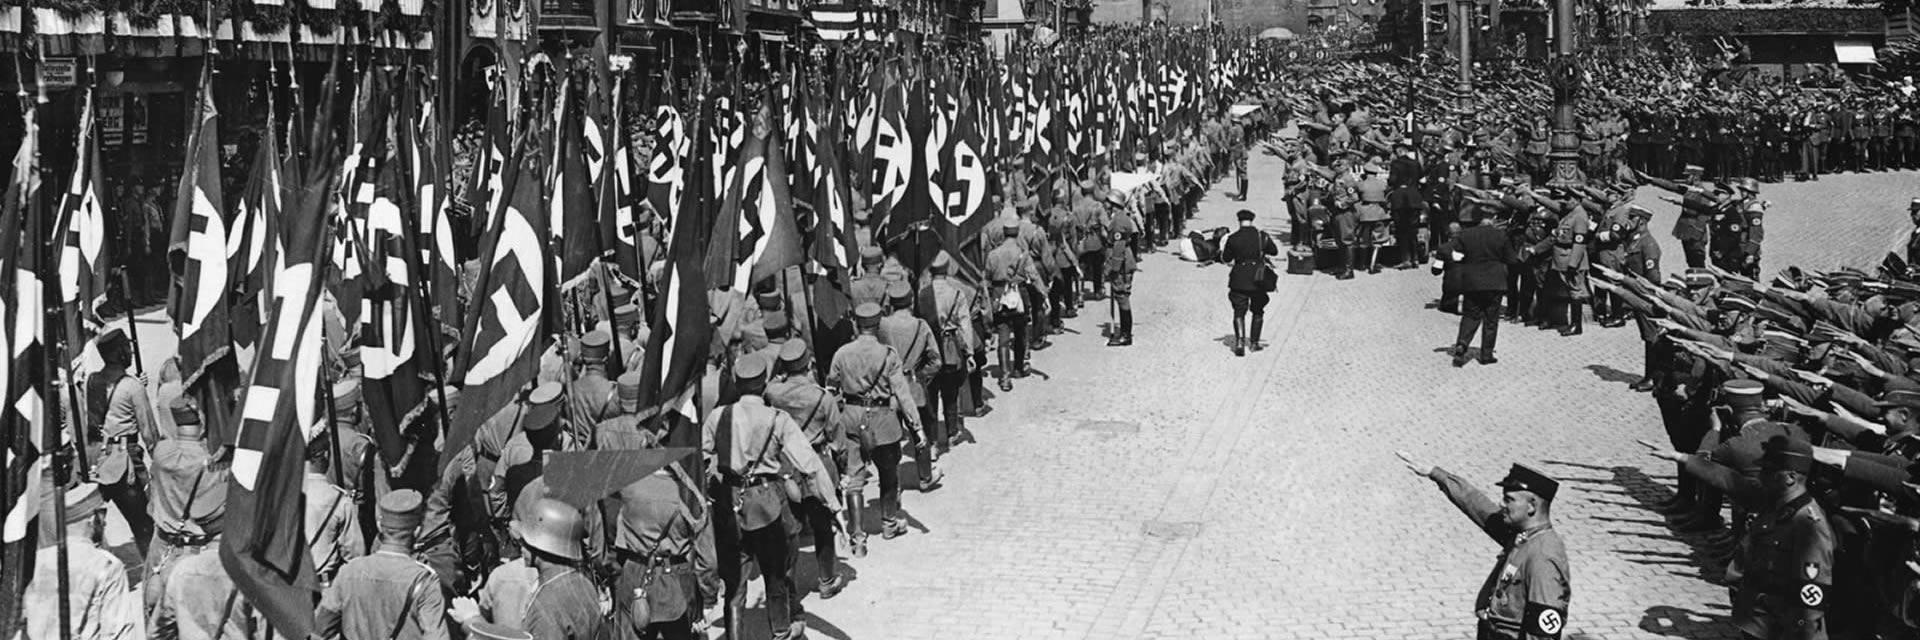 niemcy-1930s-1920-640